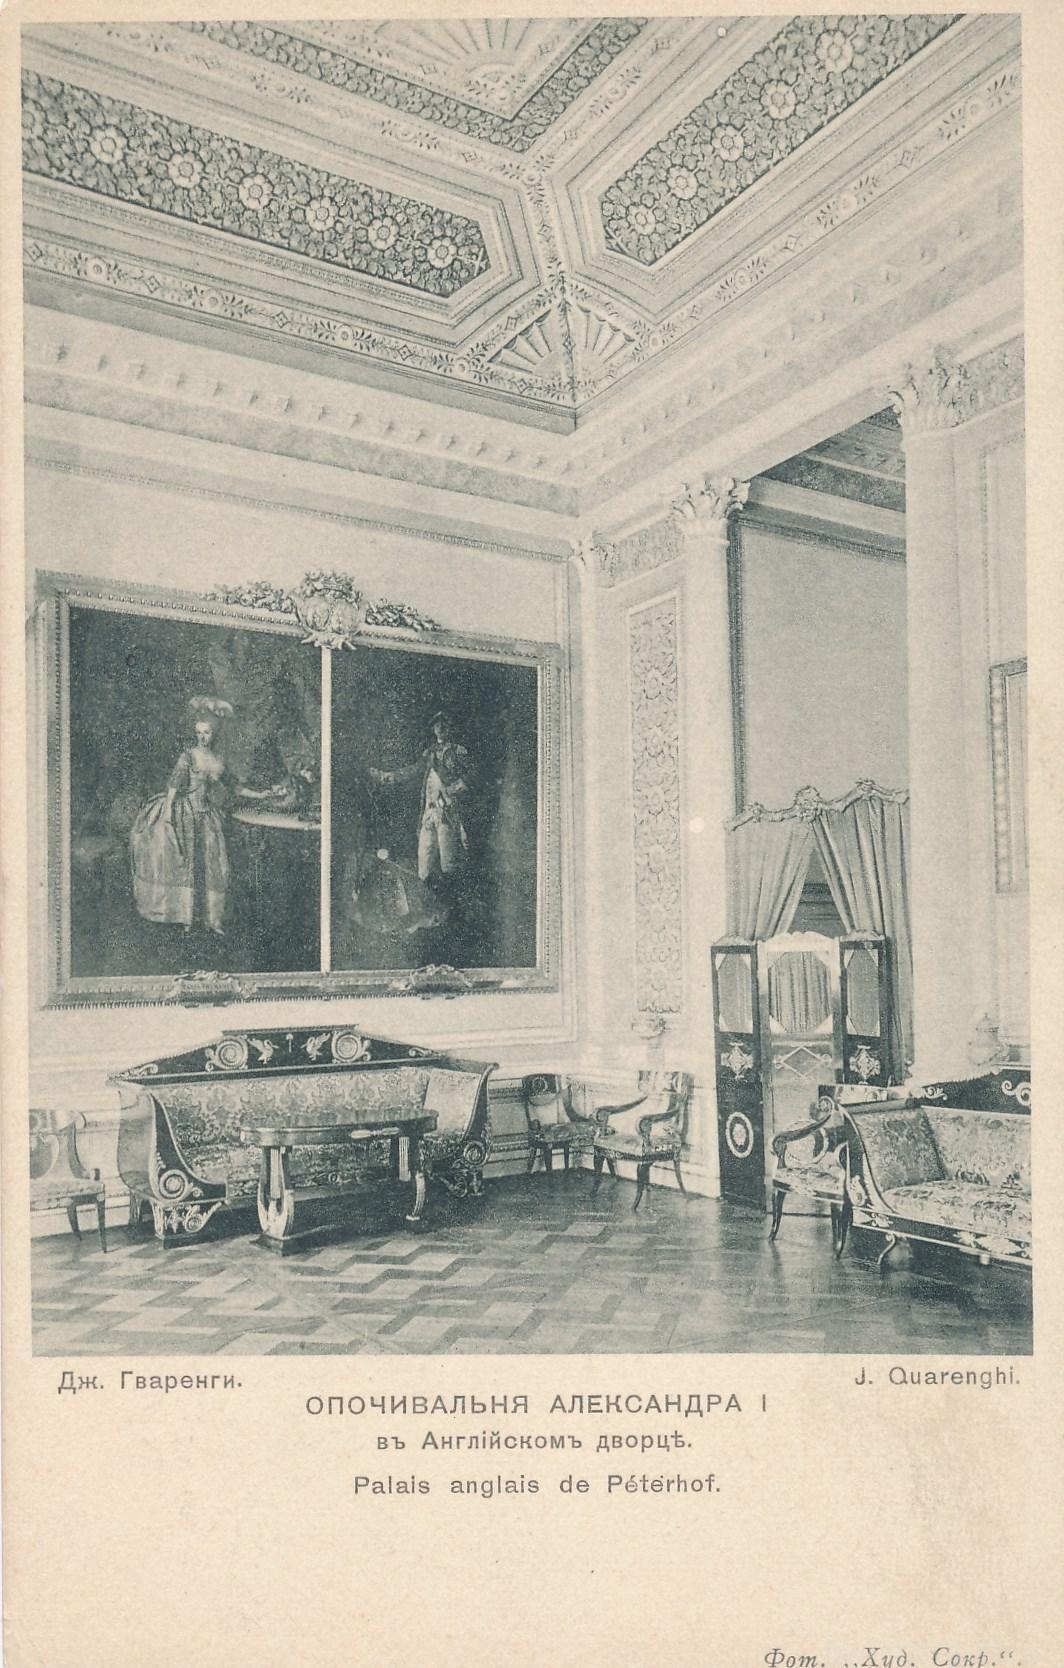 Английский дворец. Опочивальня Александра I